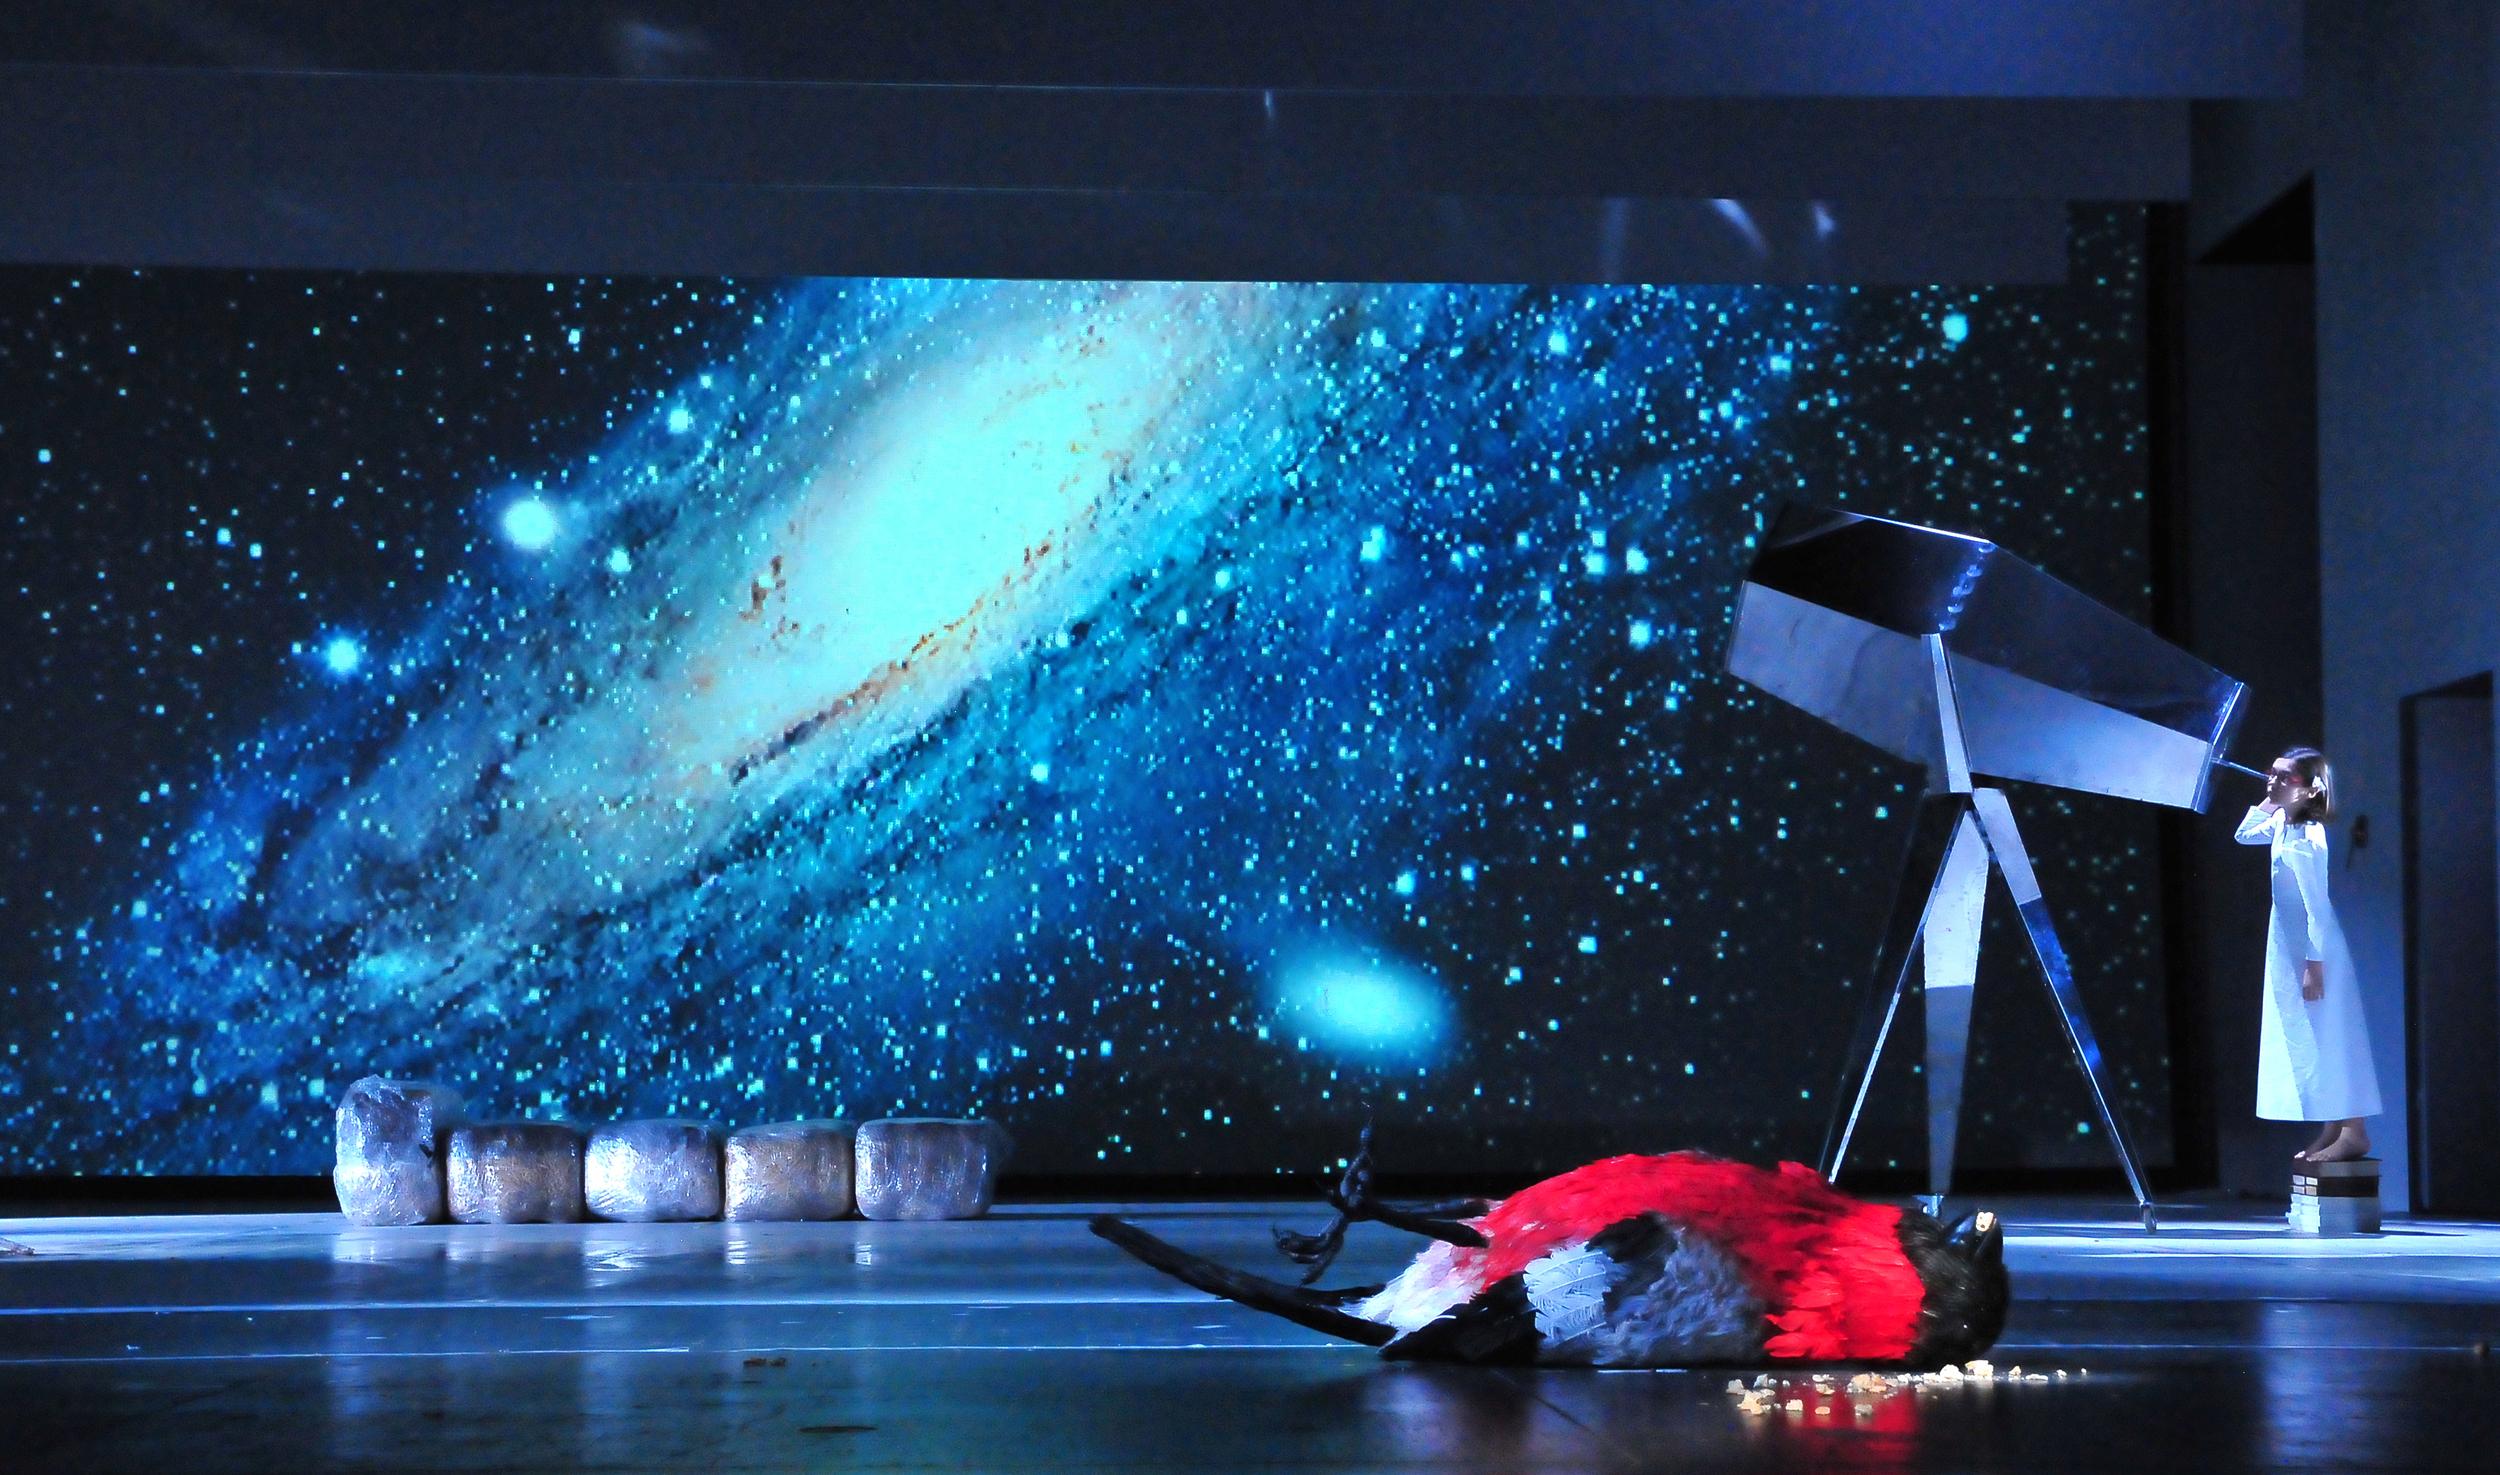 Galaktisches Bildertheater © Daniel Zholdak